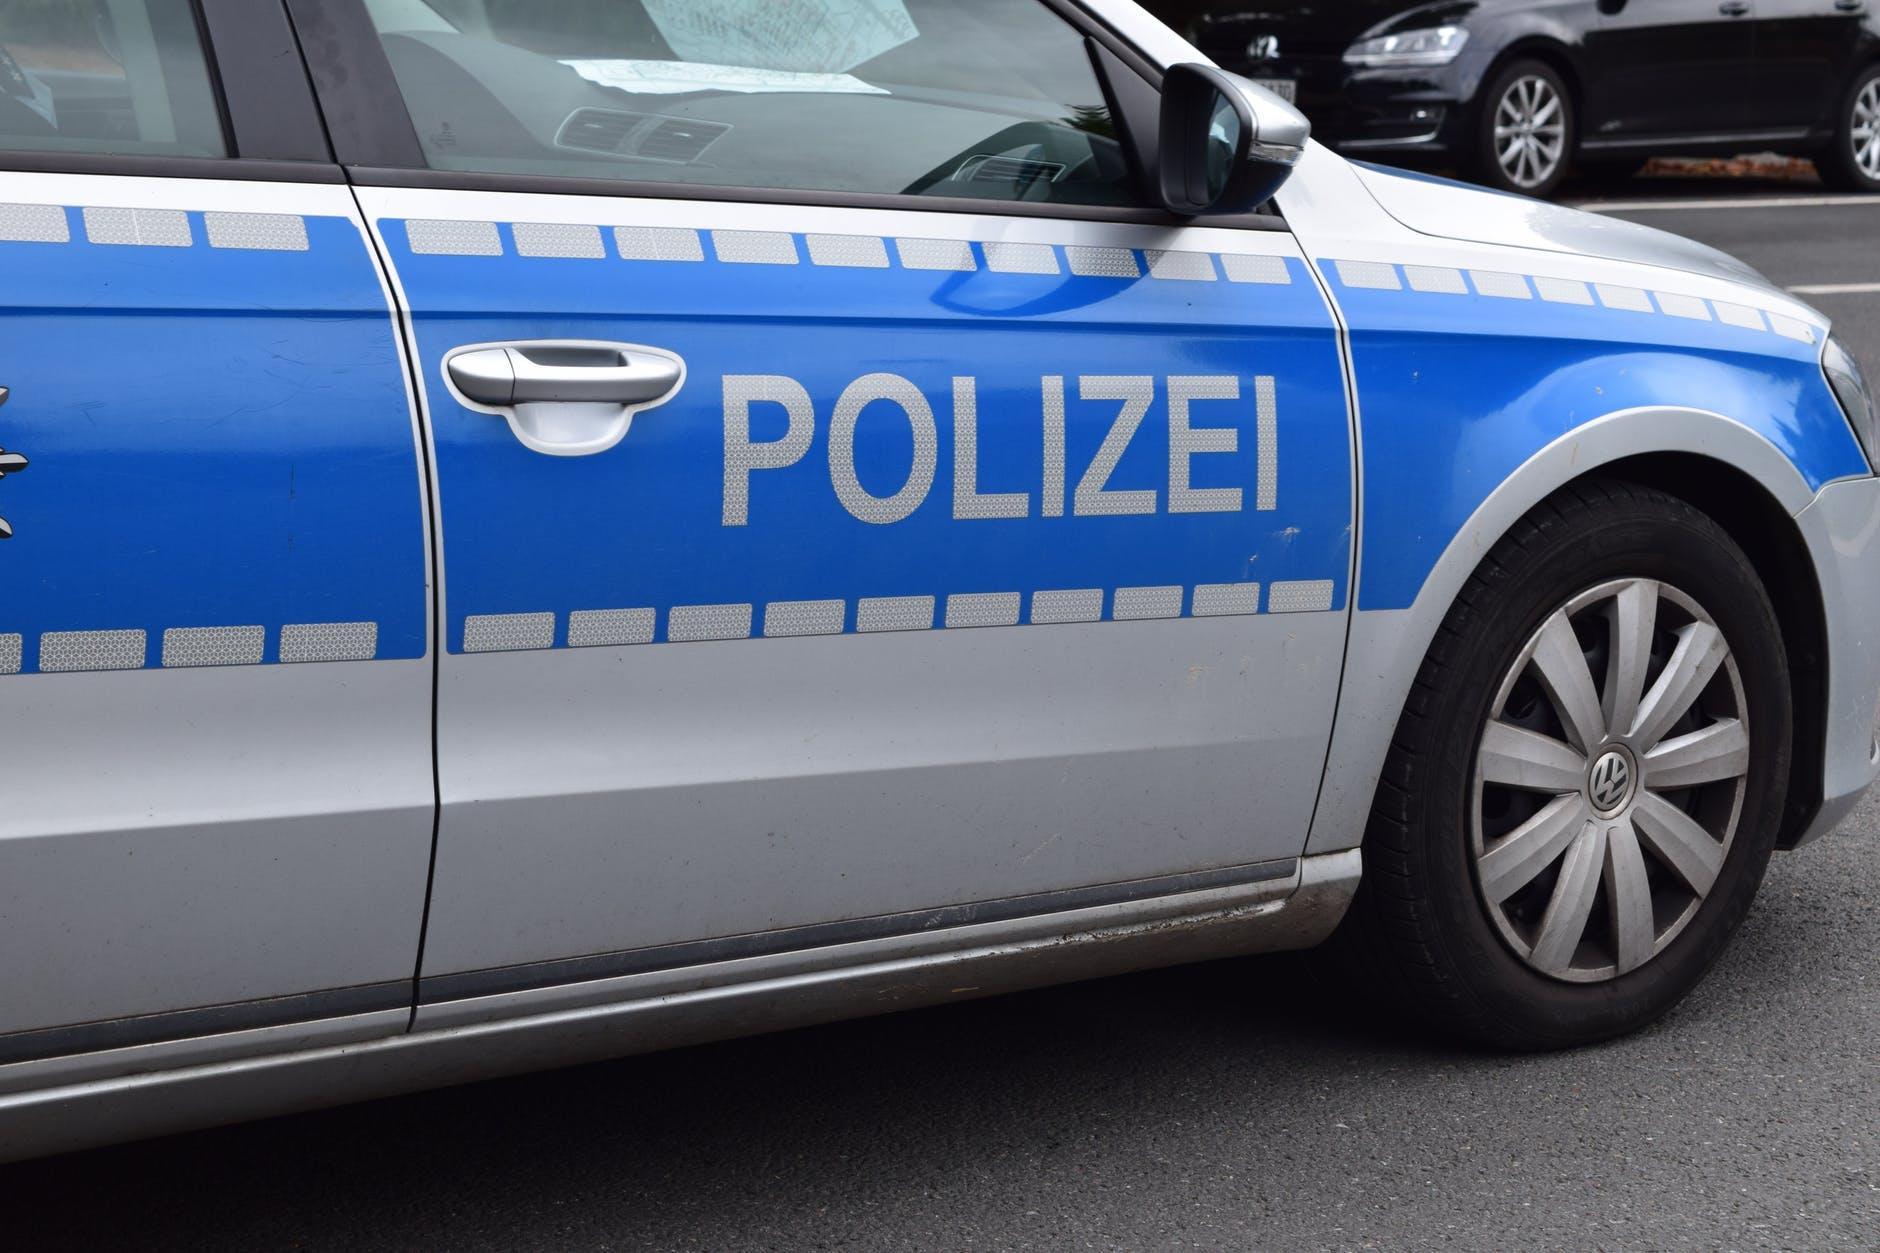 De Duitse politie heeft een grote controle uitgevoerd in het grensgebied met Nederland en België..